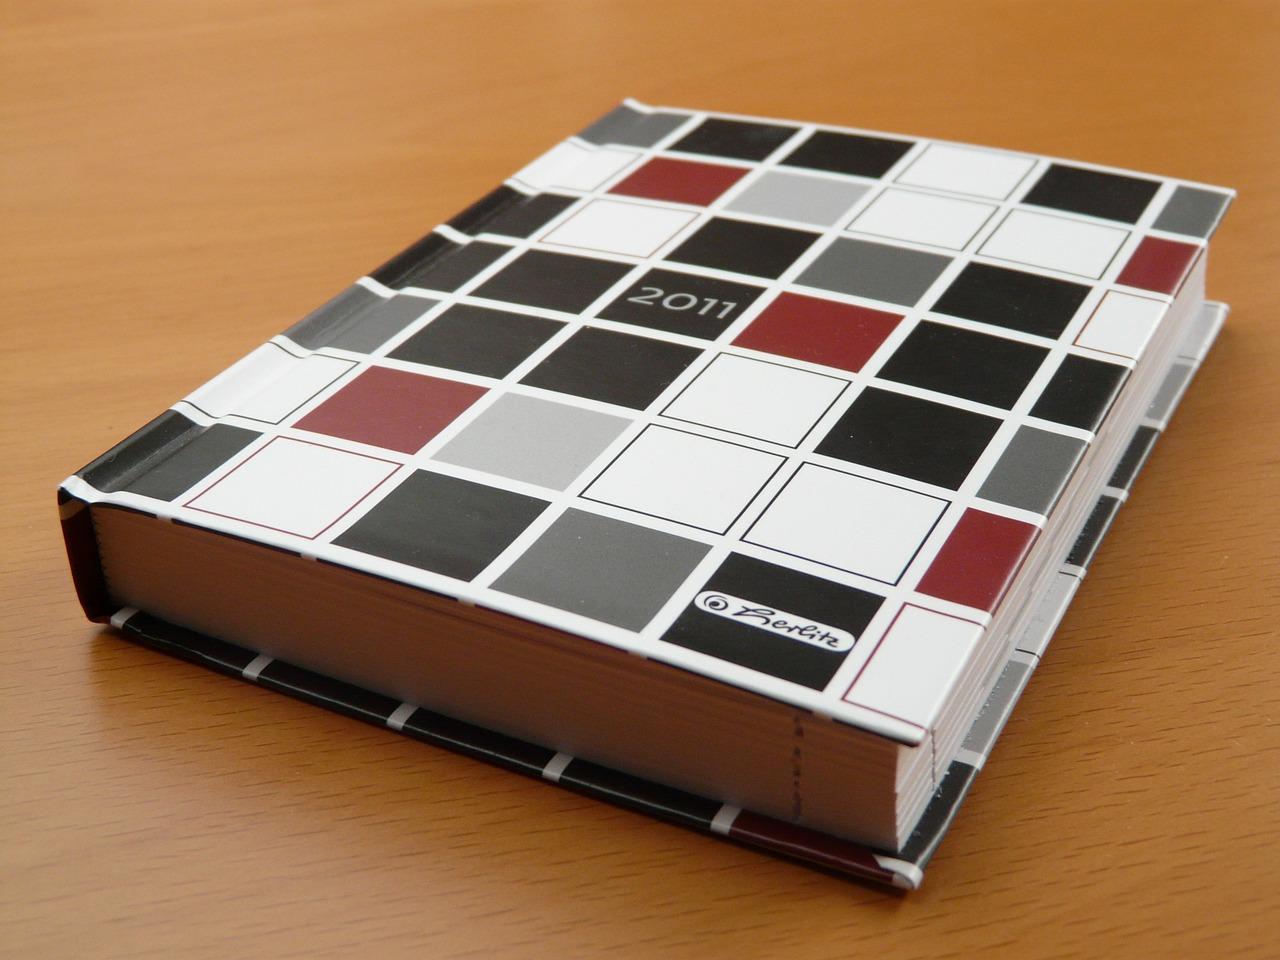 毎日、お気に入りのデザインをめくろう!日めくりカレンダーの作り方のサムネイル画像